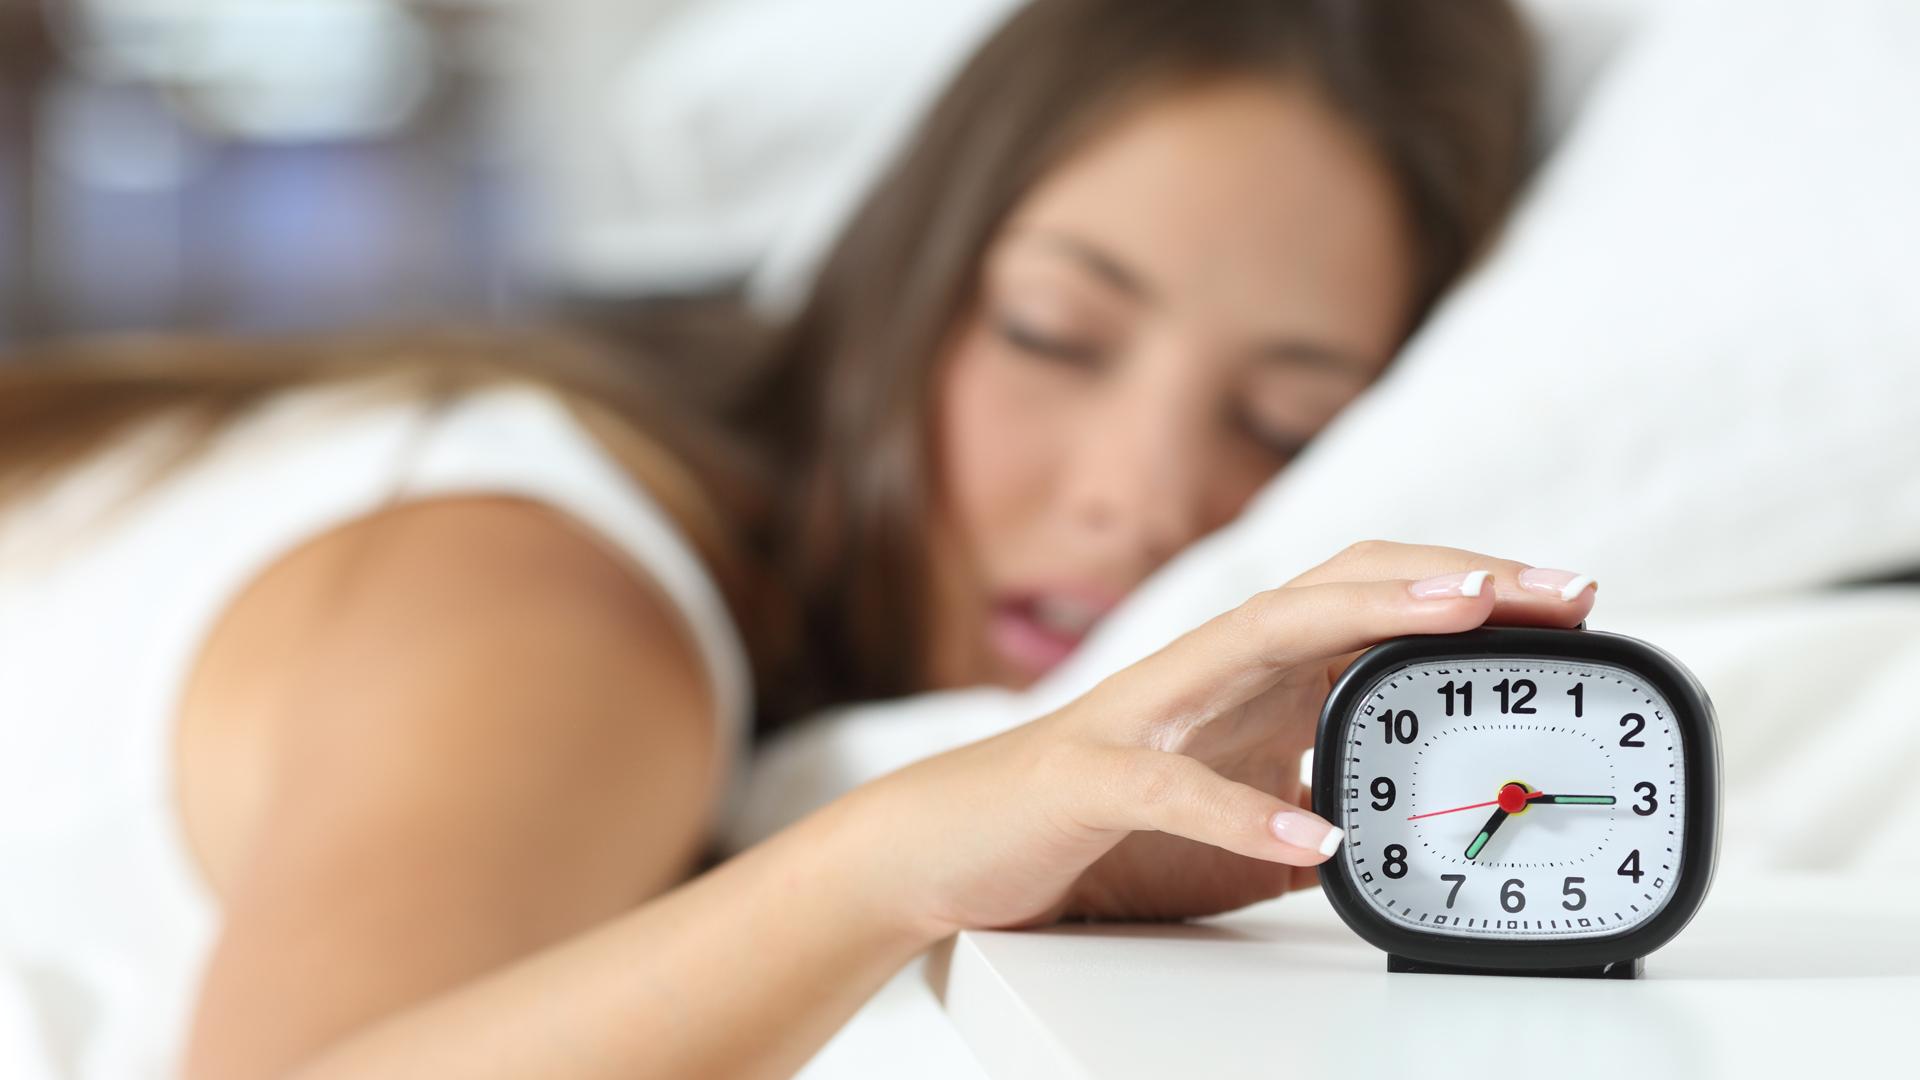 Investigaciones recientes muestran la importancia de la cantidad adecuada de sueño para la salud del cerebro (iStock)